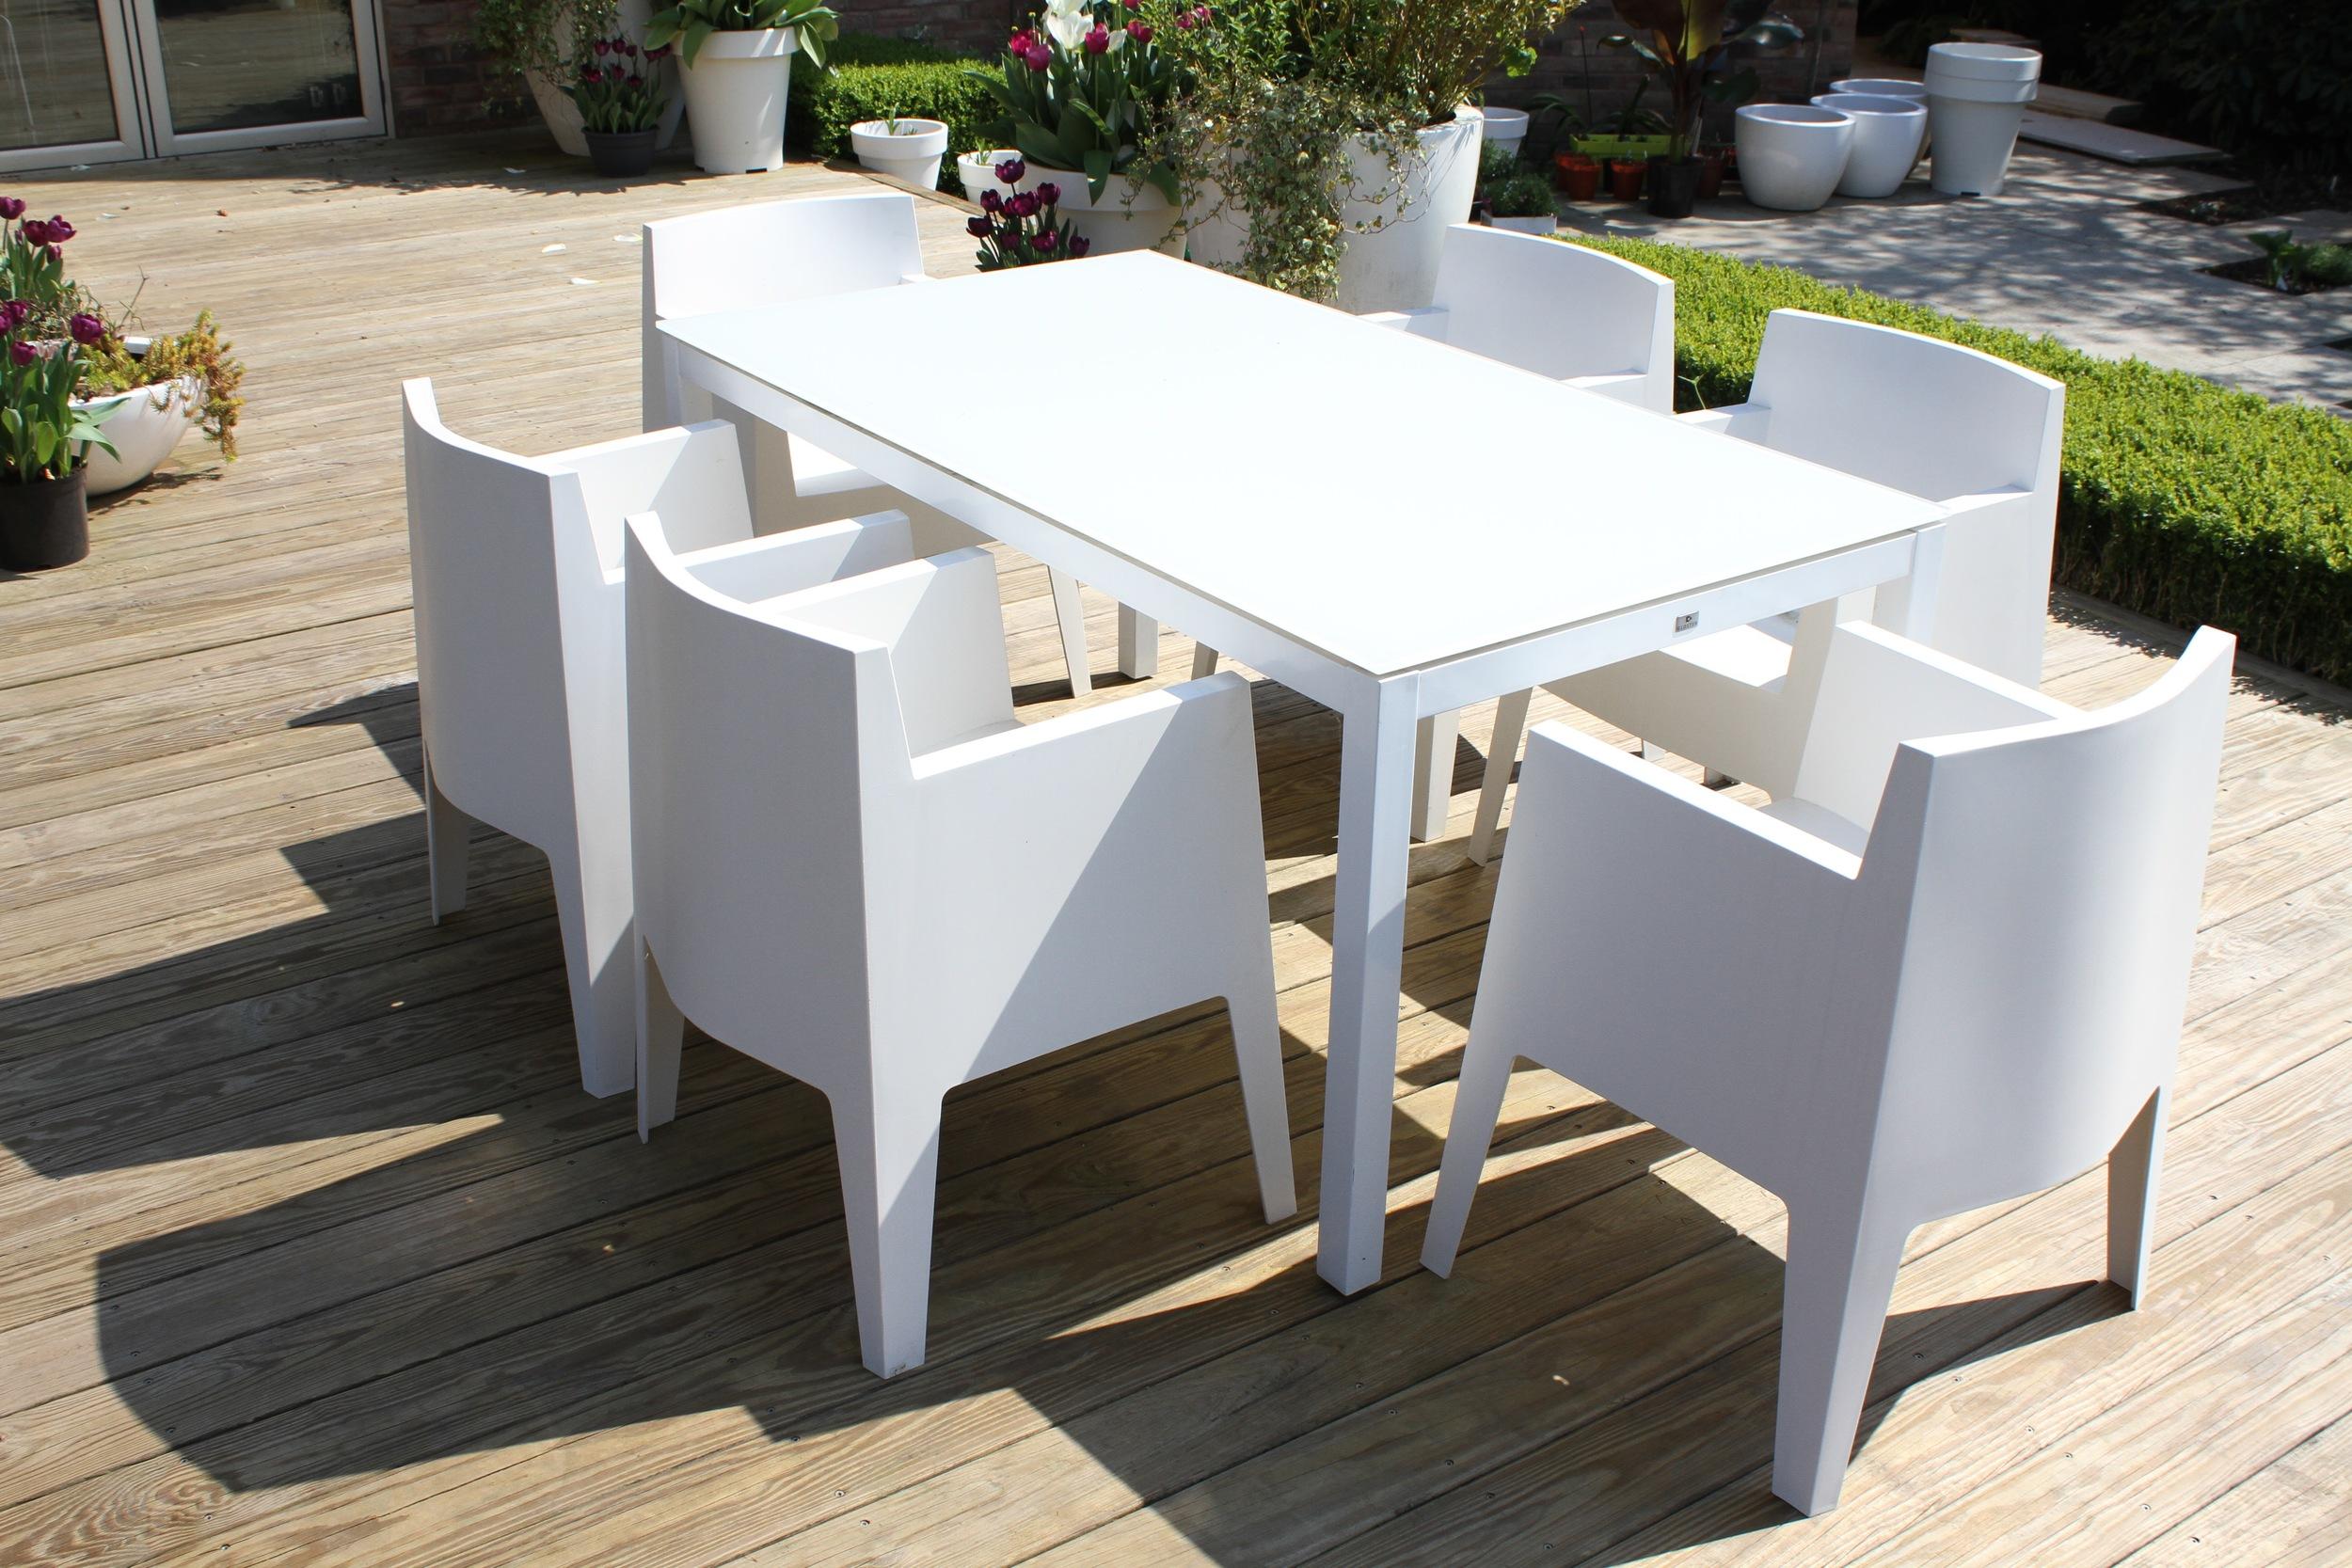 Eyebrook garden furniture 2.jpg